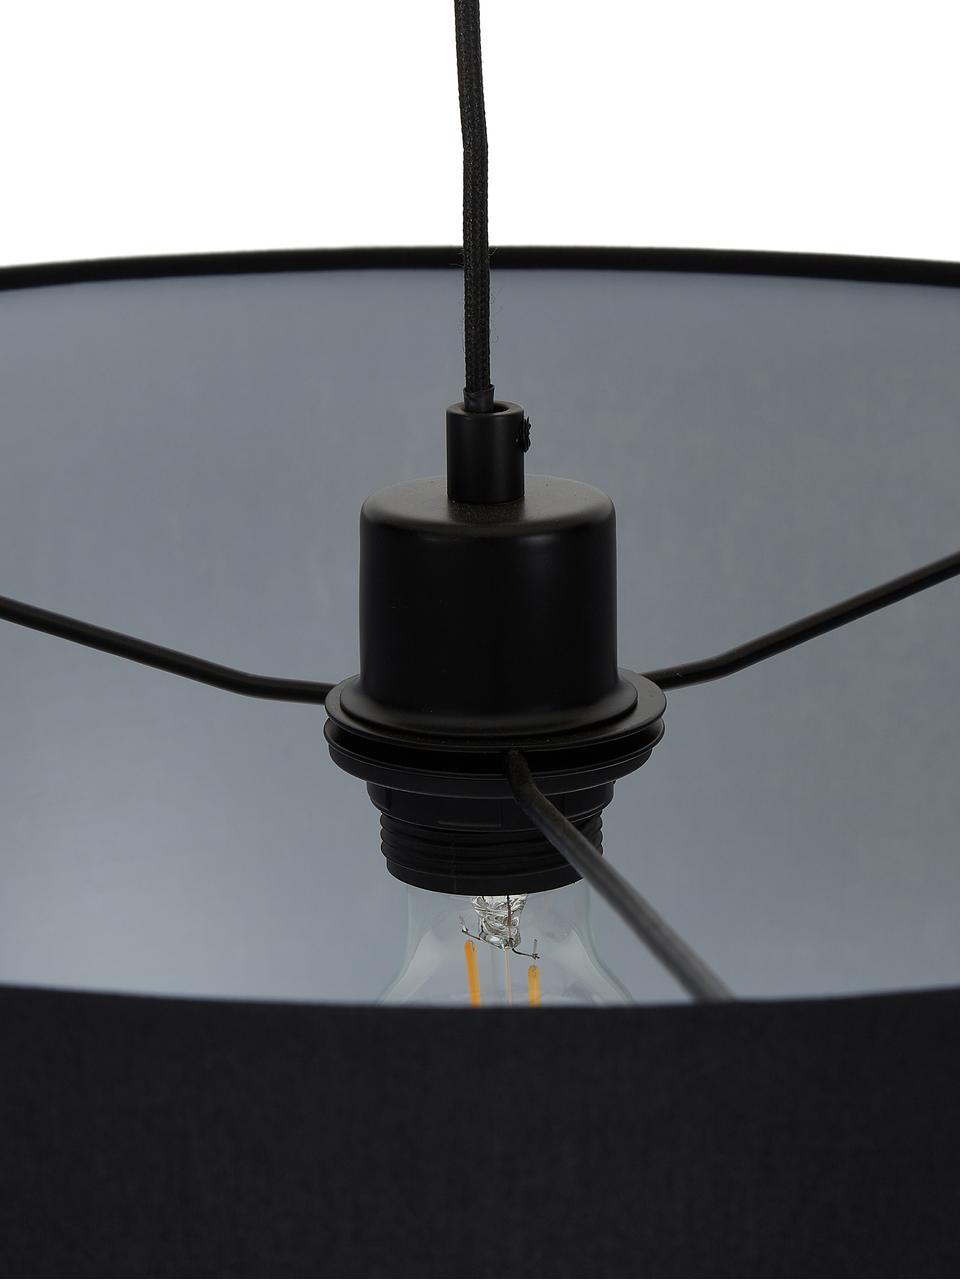 Lampada ad arco moderna Niels, Paralume: poliestere cotone, Base della lampada: metallo verniciato a polv, Paralume: nero Base della lampada: nero opaco Cavo: nero, Larg. 157 x Alt. 218 cm